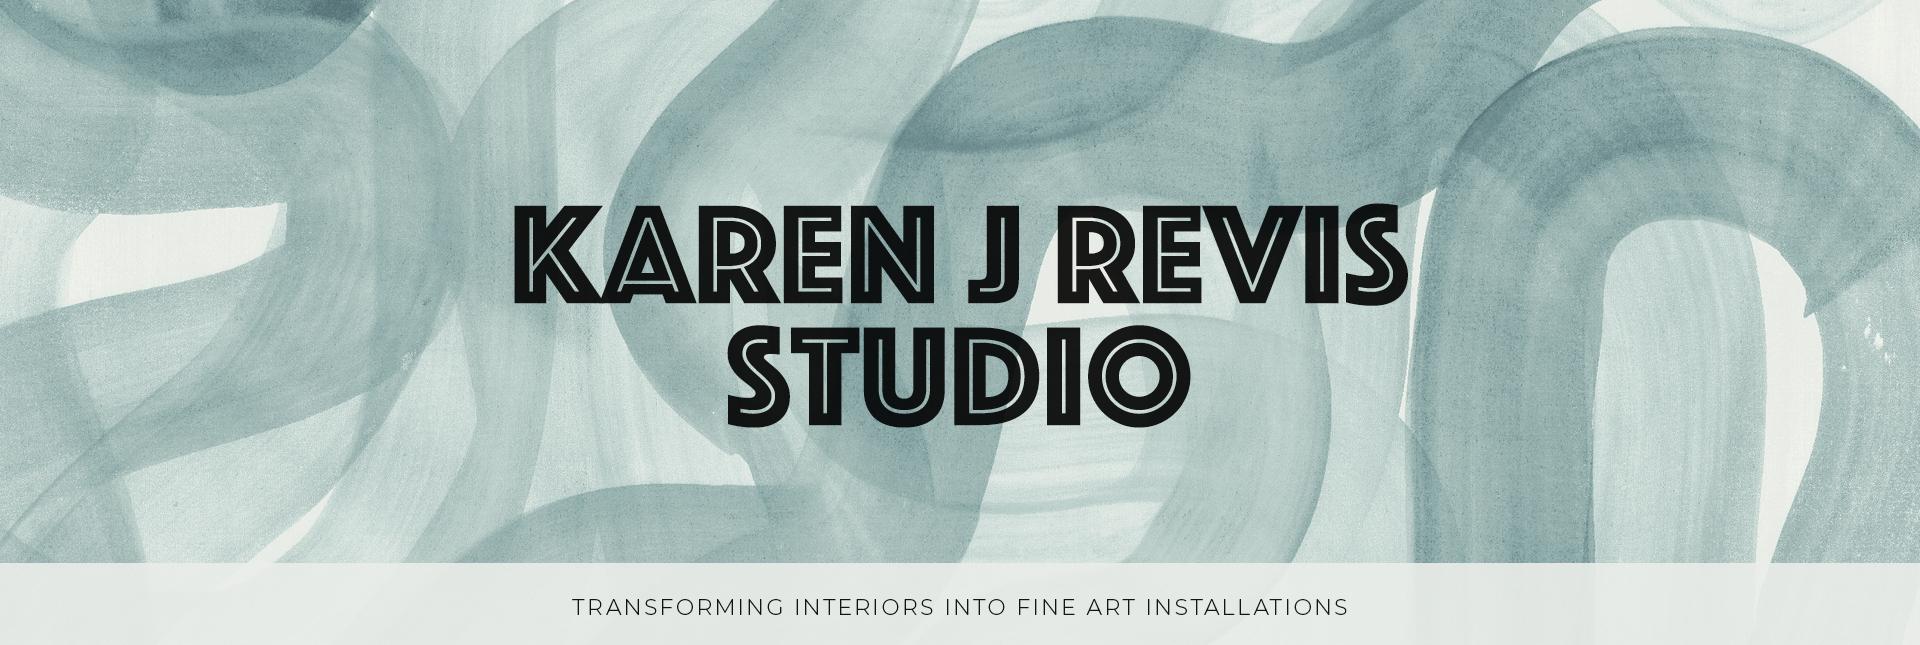 Karen J. Revis x A-Street Prints Wall Murals